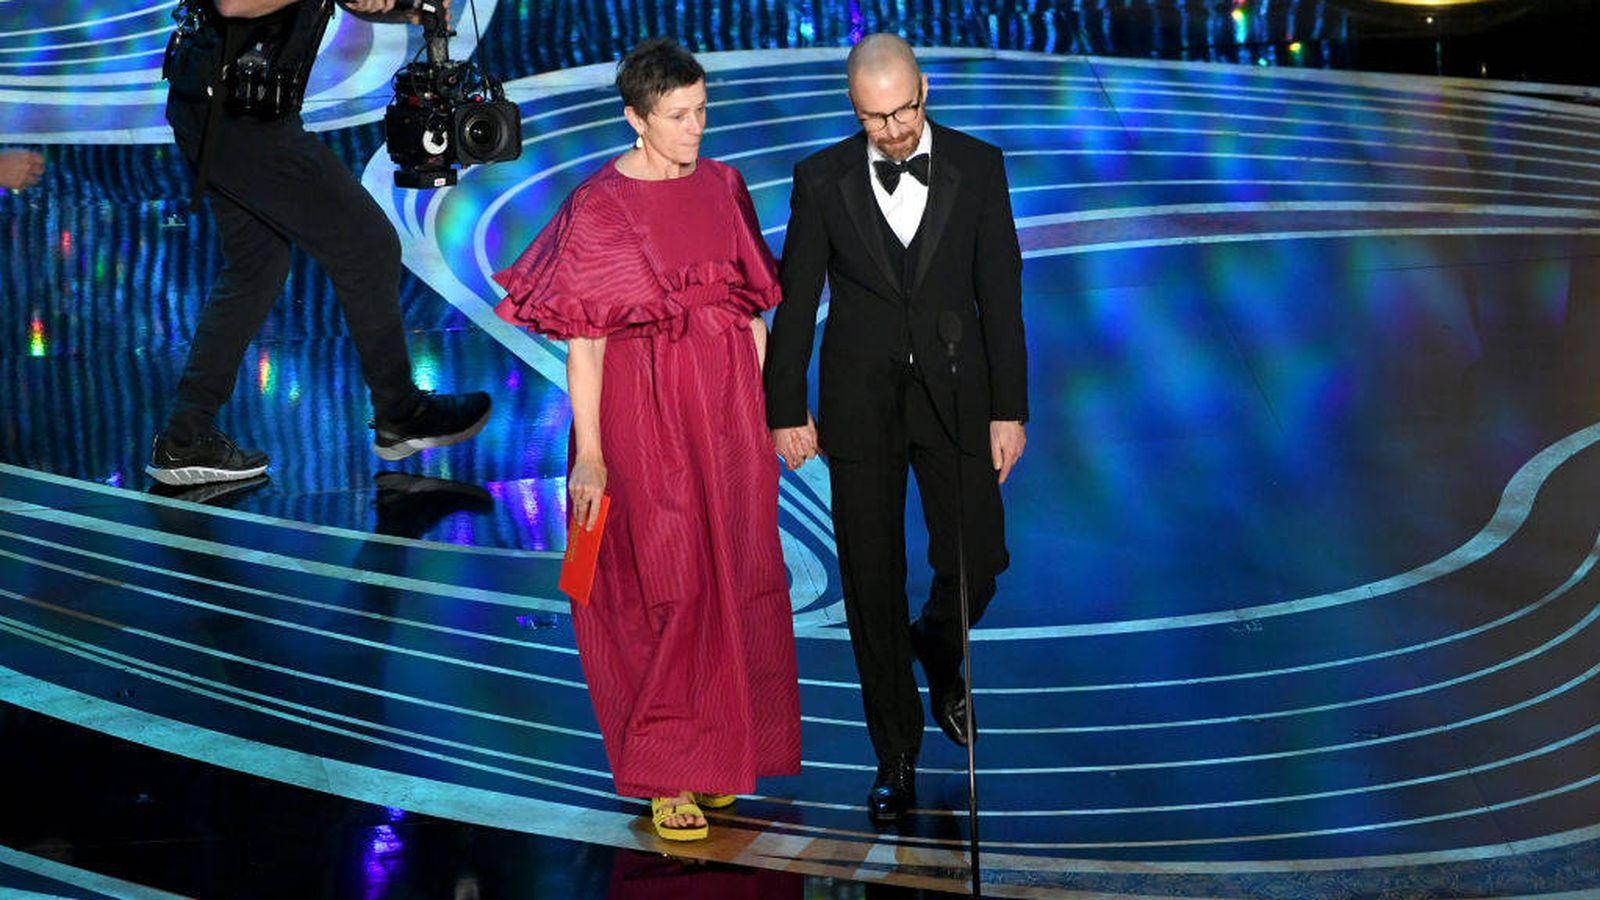 Foto: La actriz Frances McDormand en el escenario con playeras. (Getty)